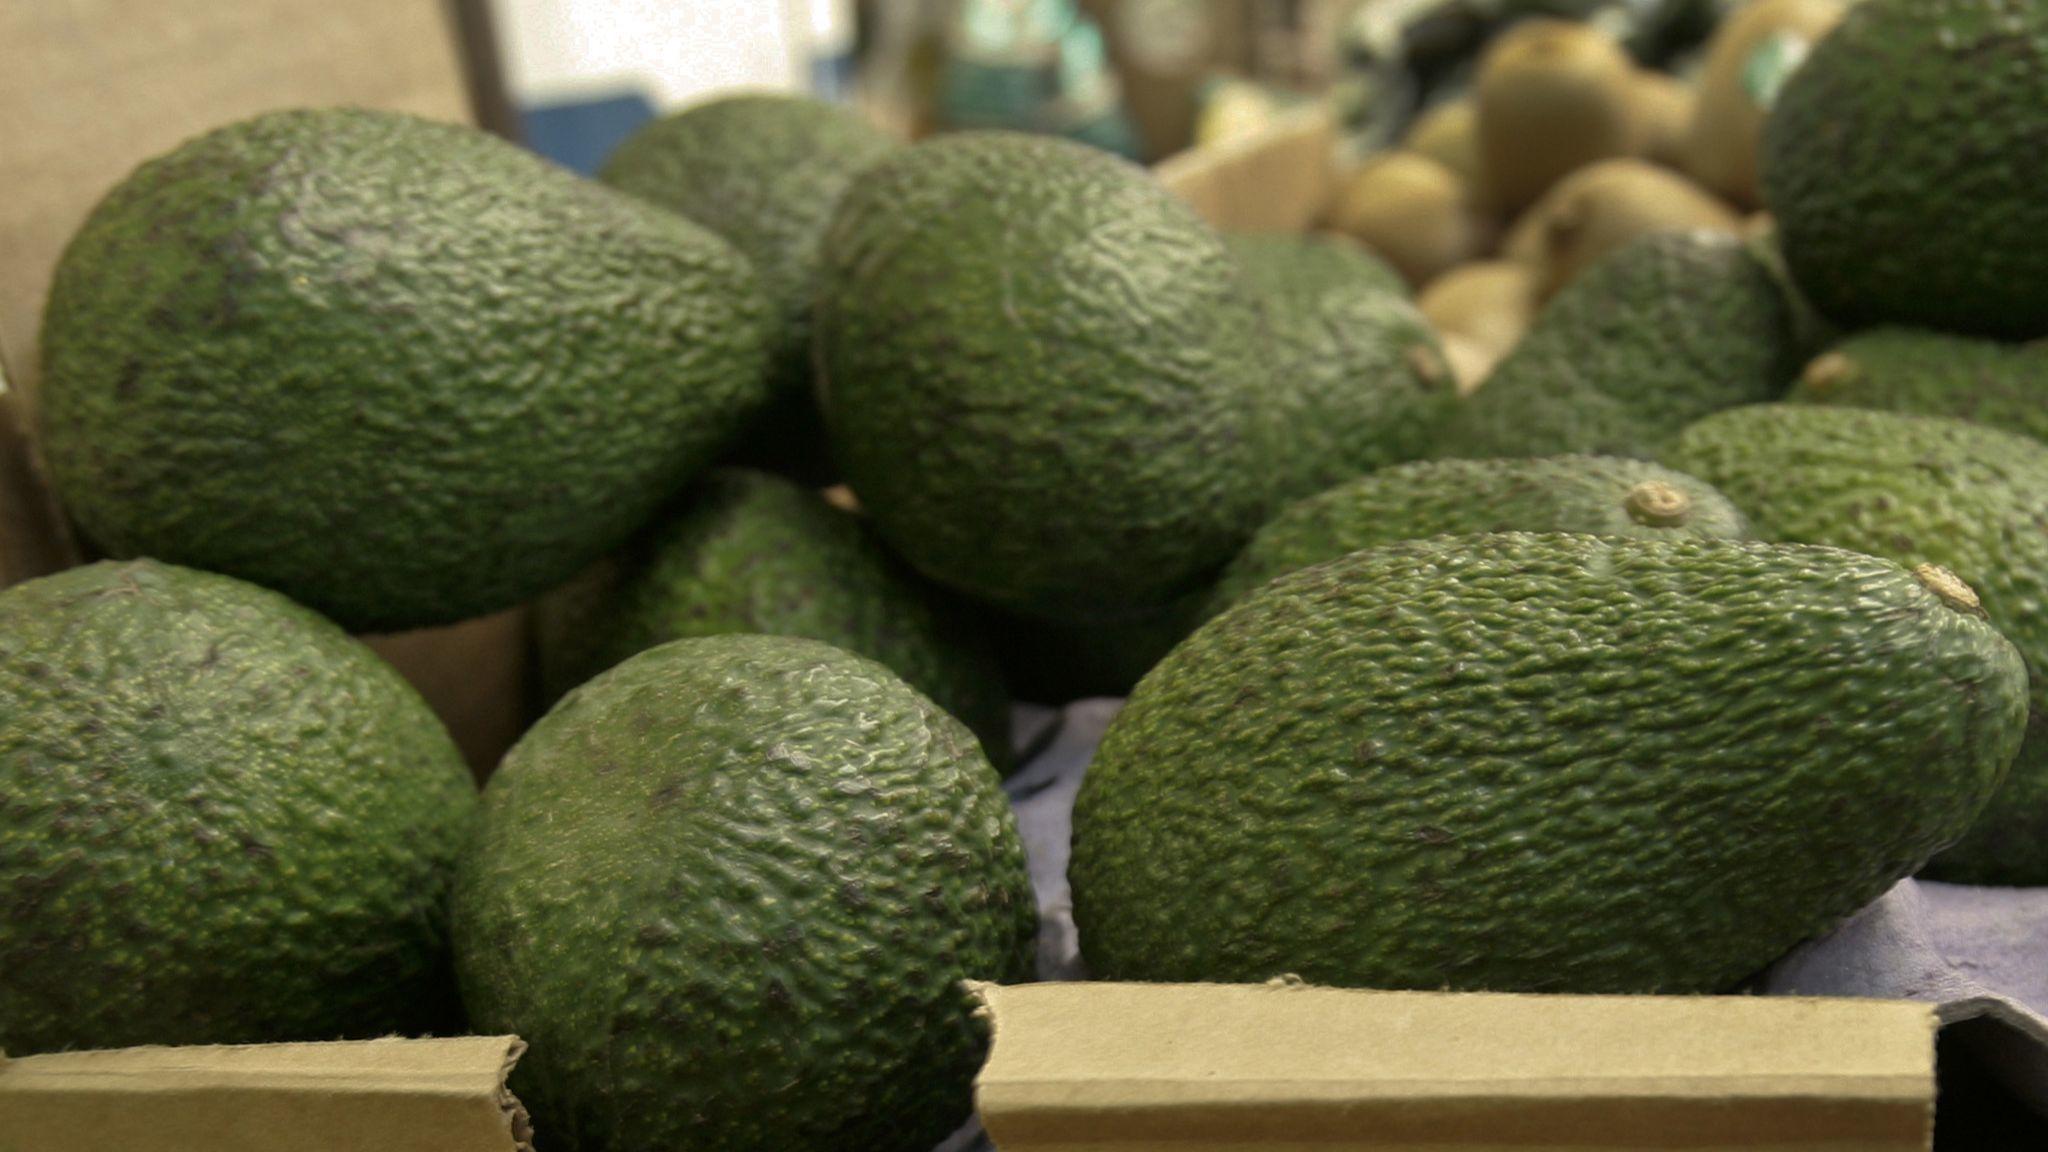 Grower recalls avocados shipped to Florida, elsewhere, over listeria concerns